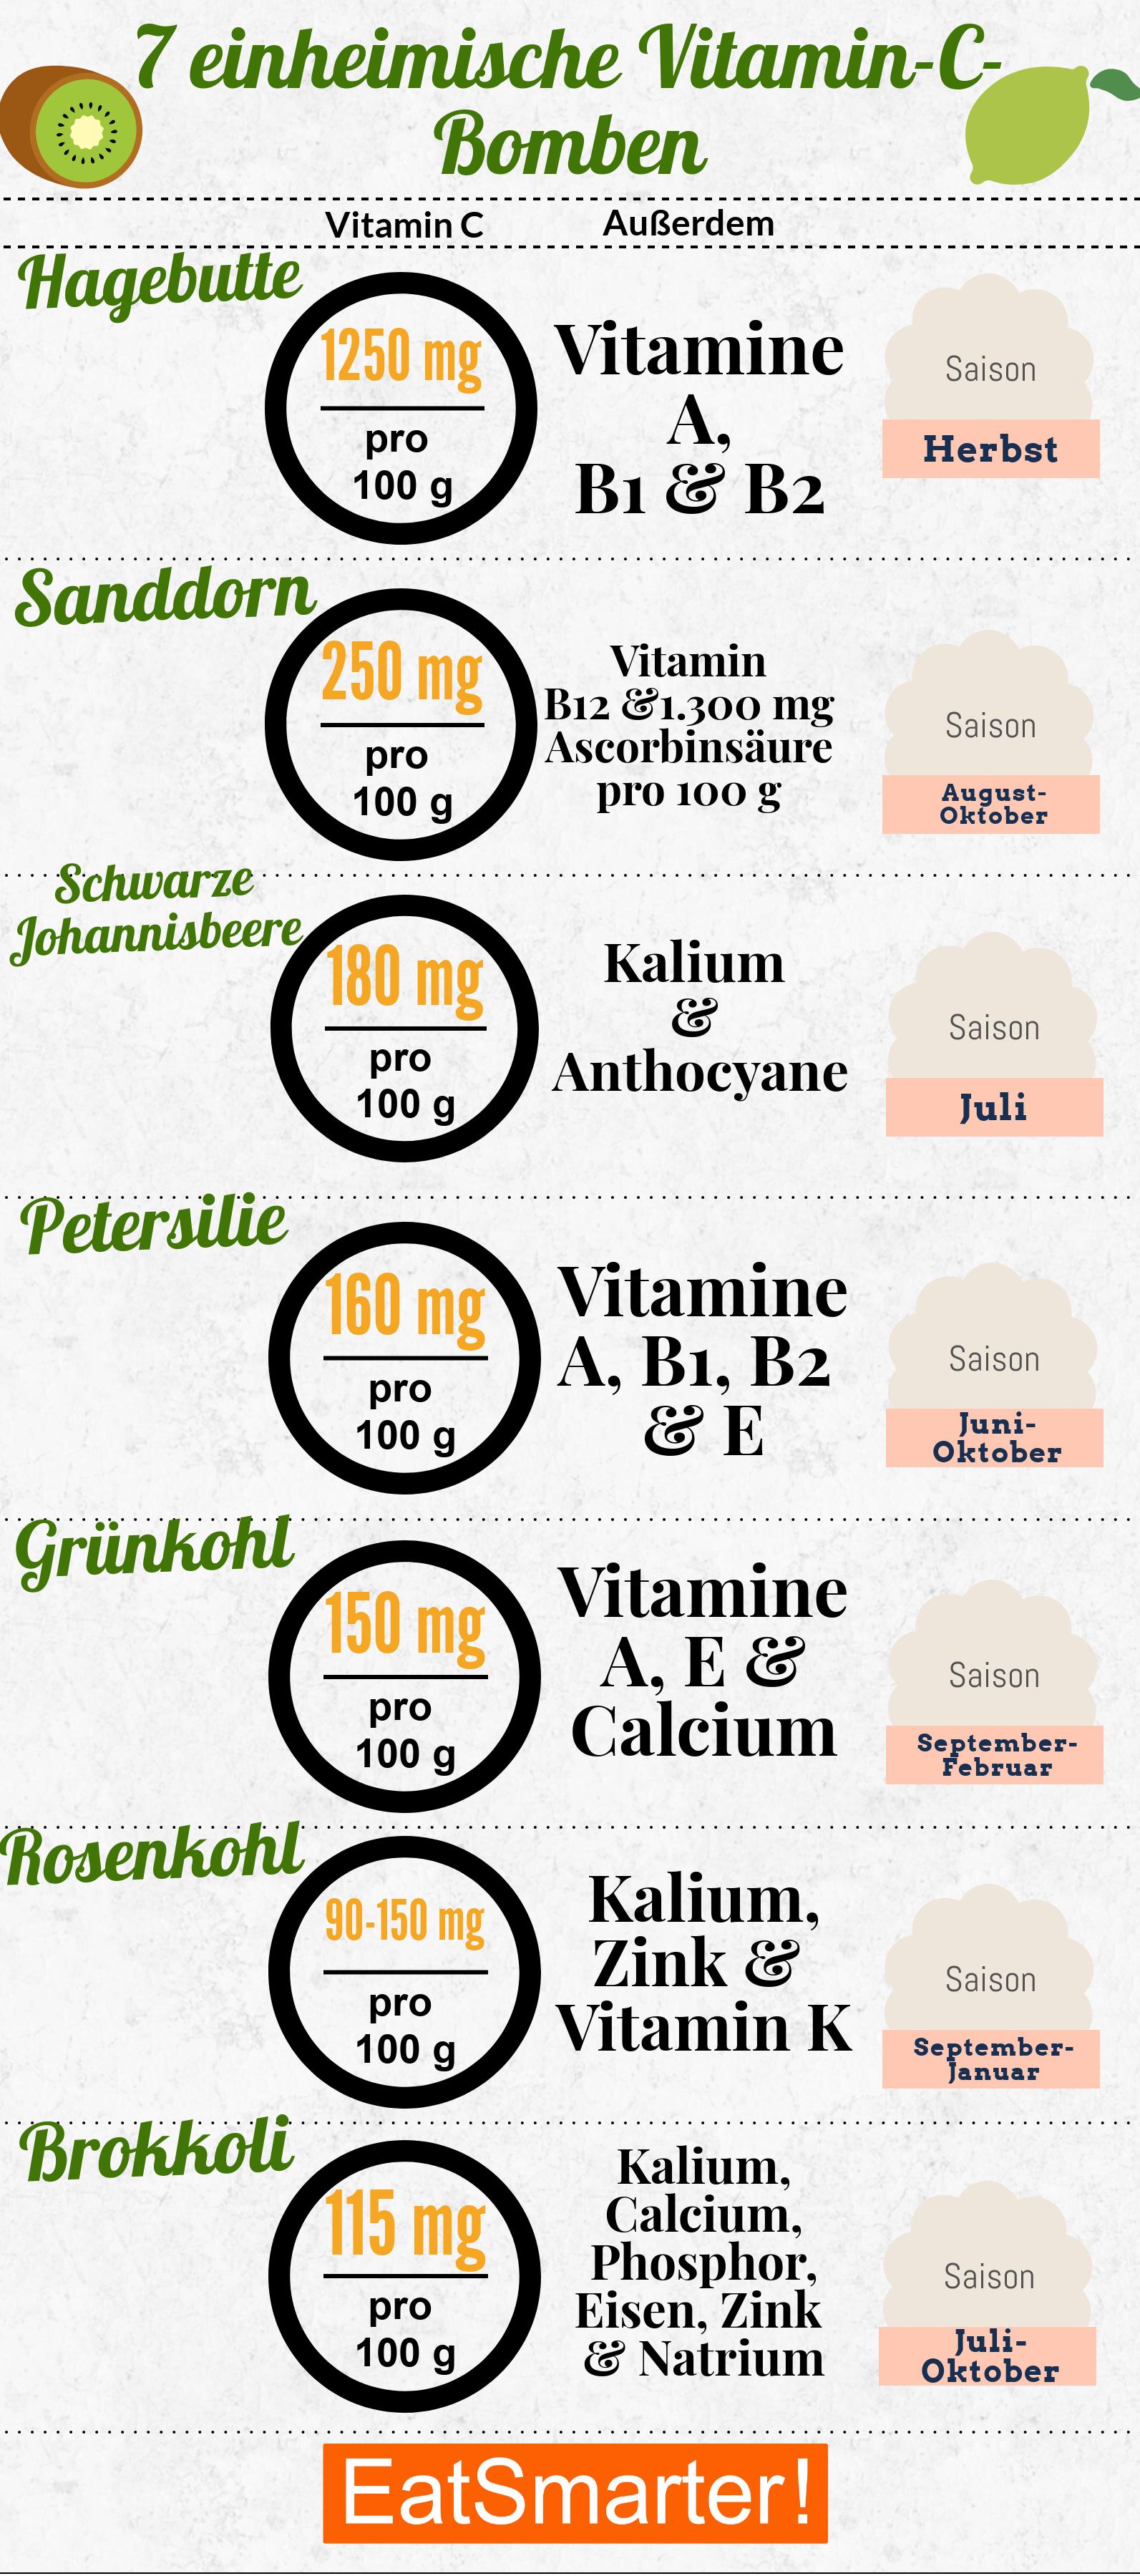 Die 8 größten einheimischen Vitamin-C-Bomben  EAT SMARTER